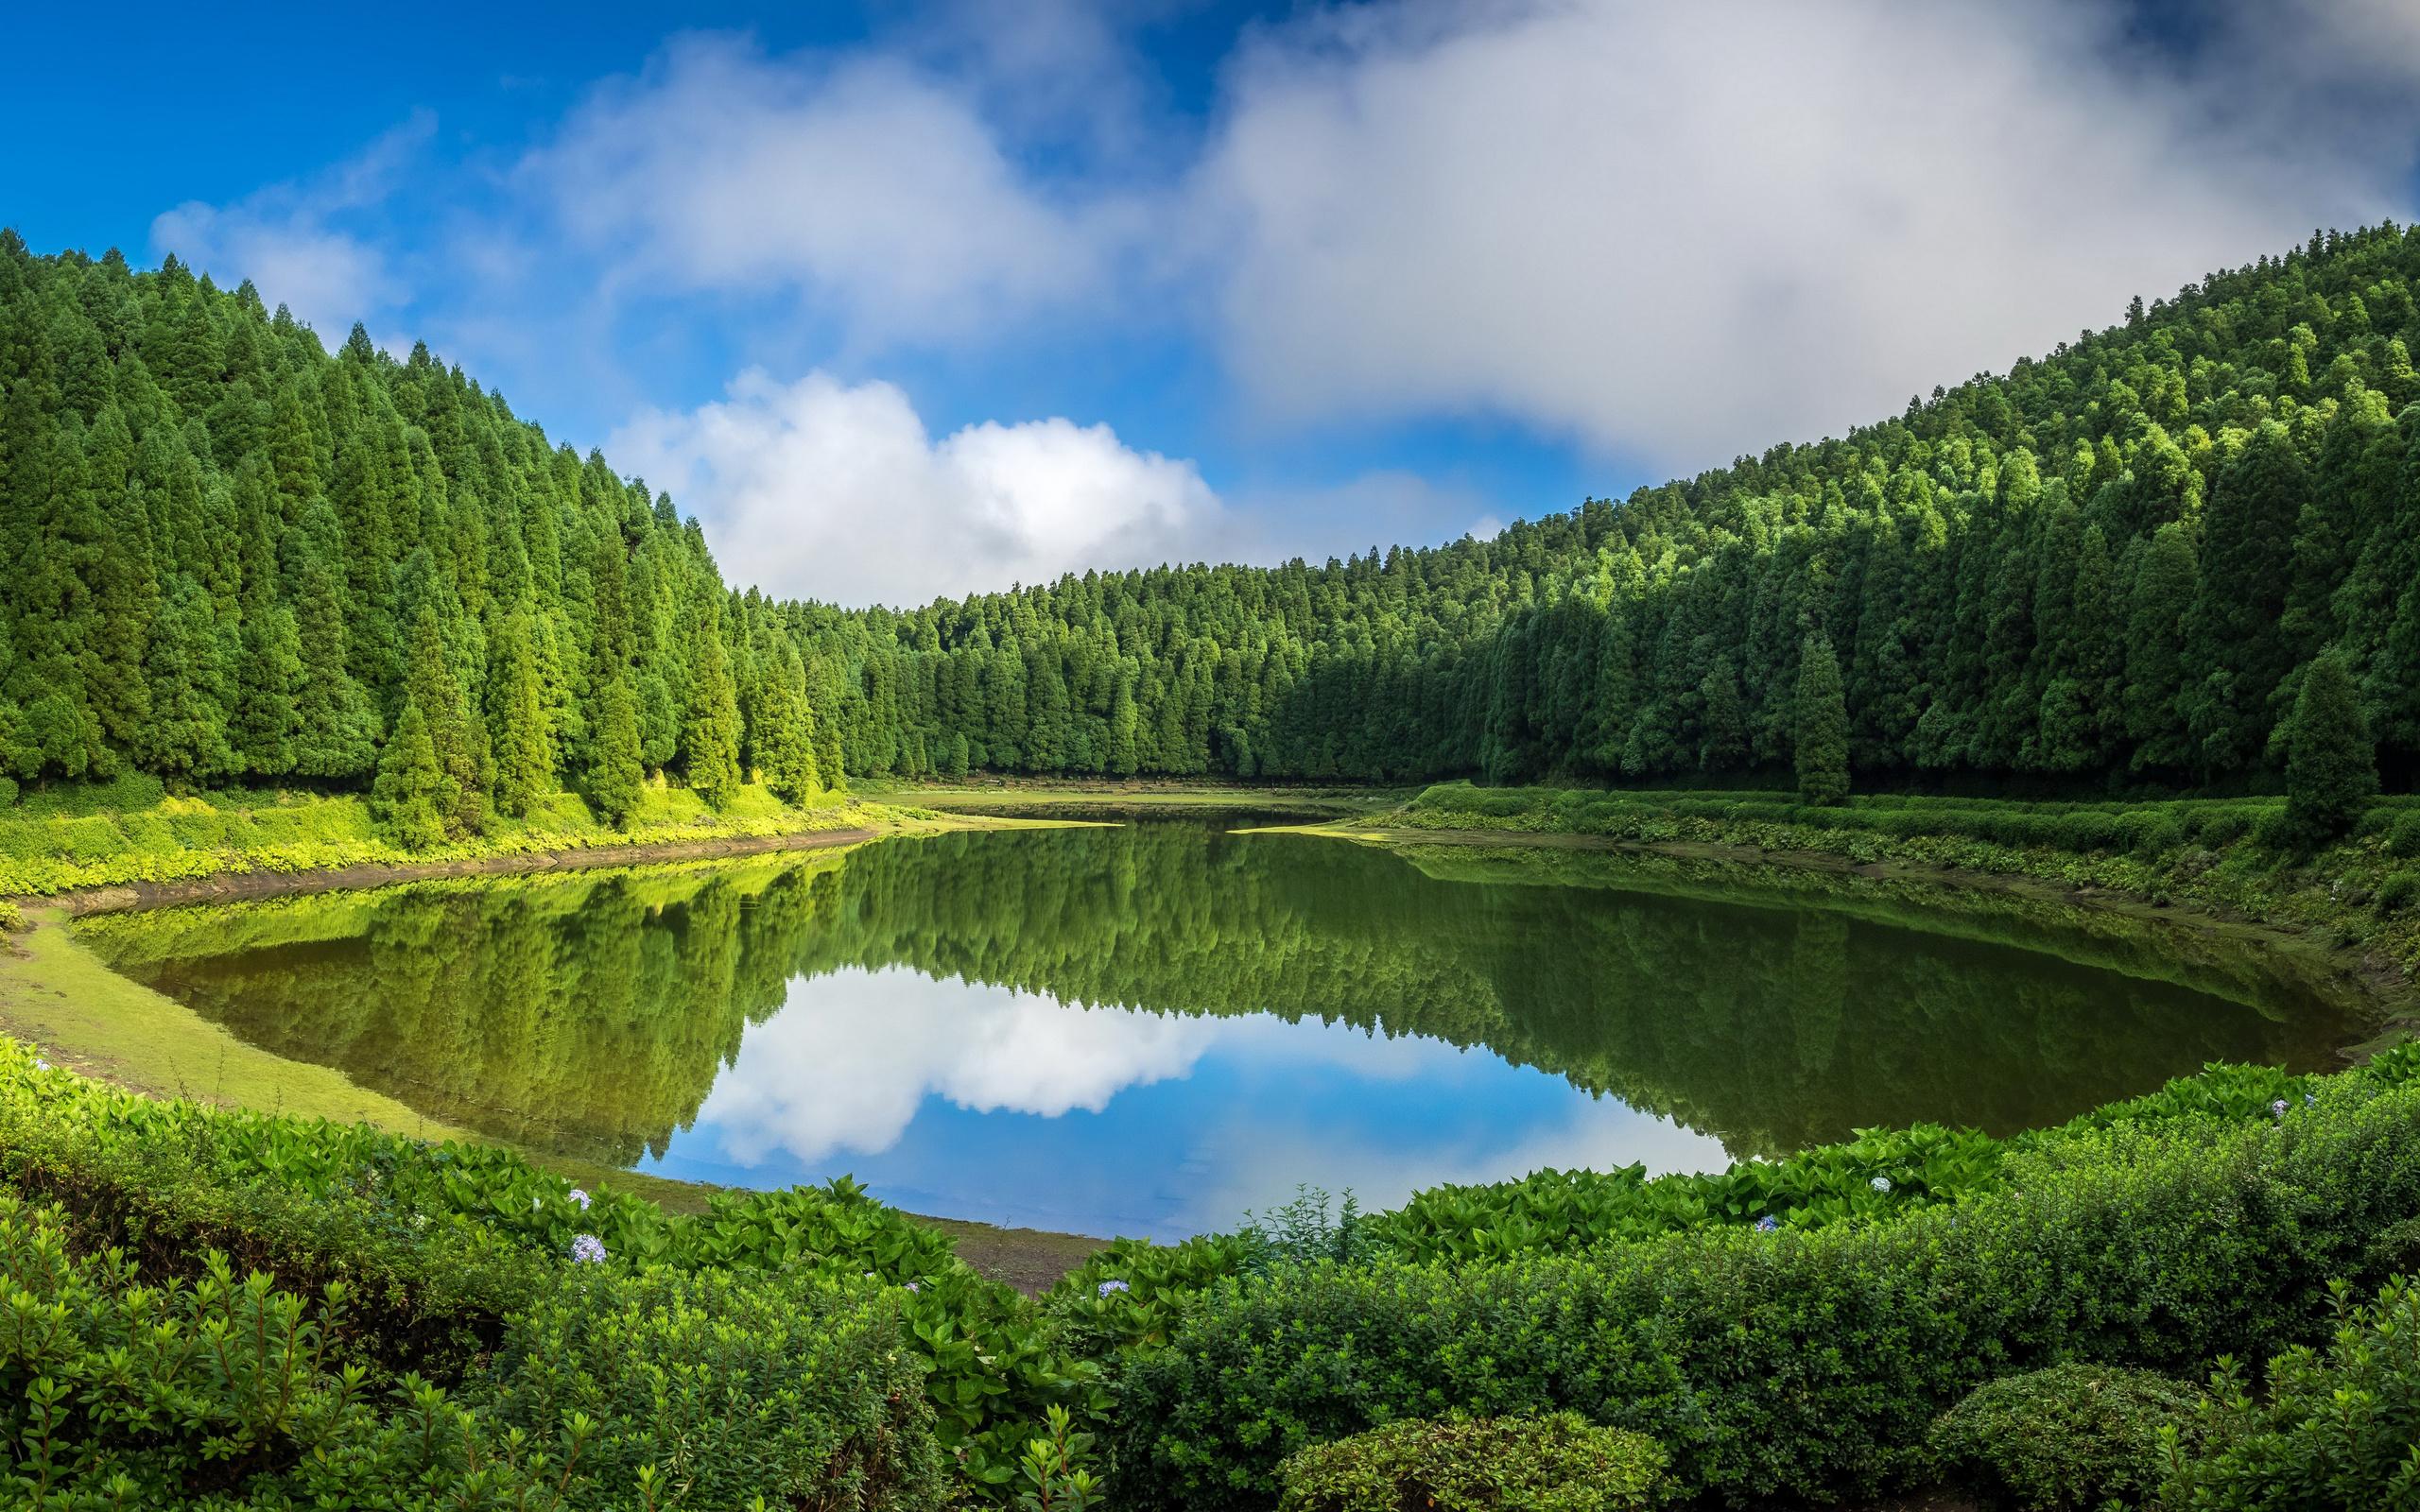 Озеро в лесу красивые картинки